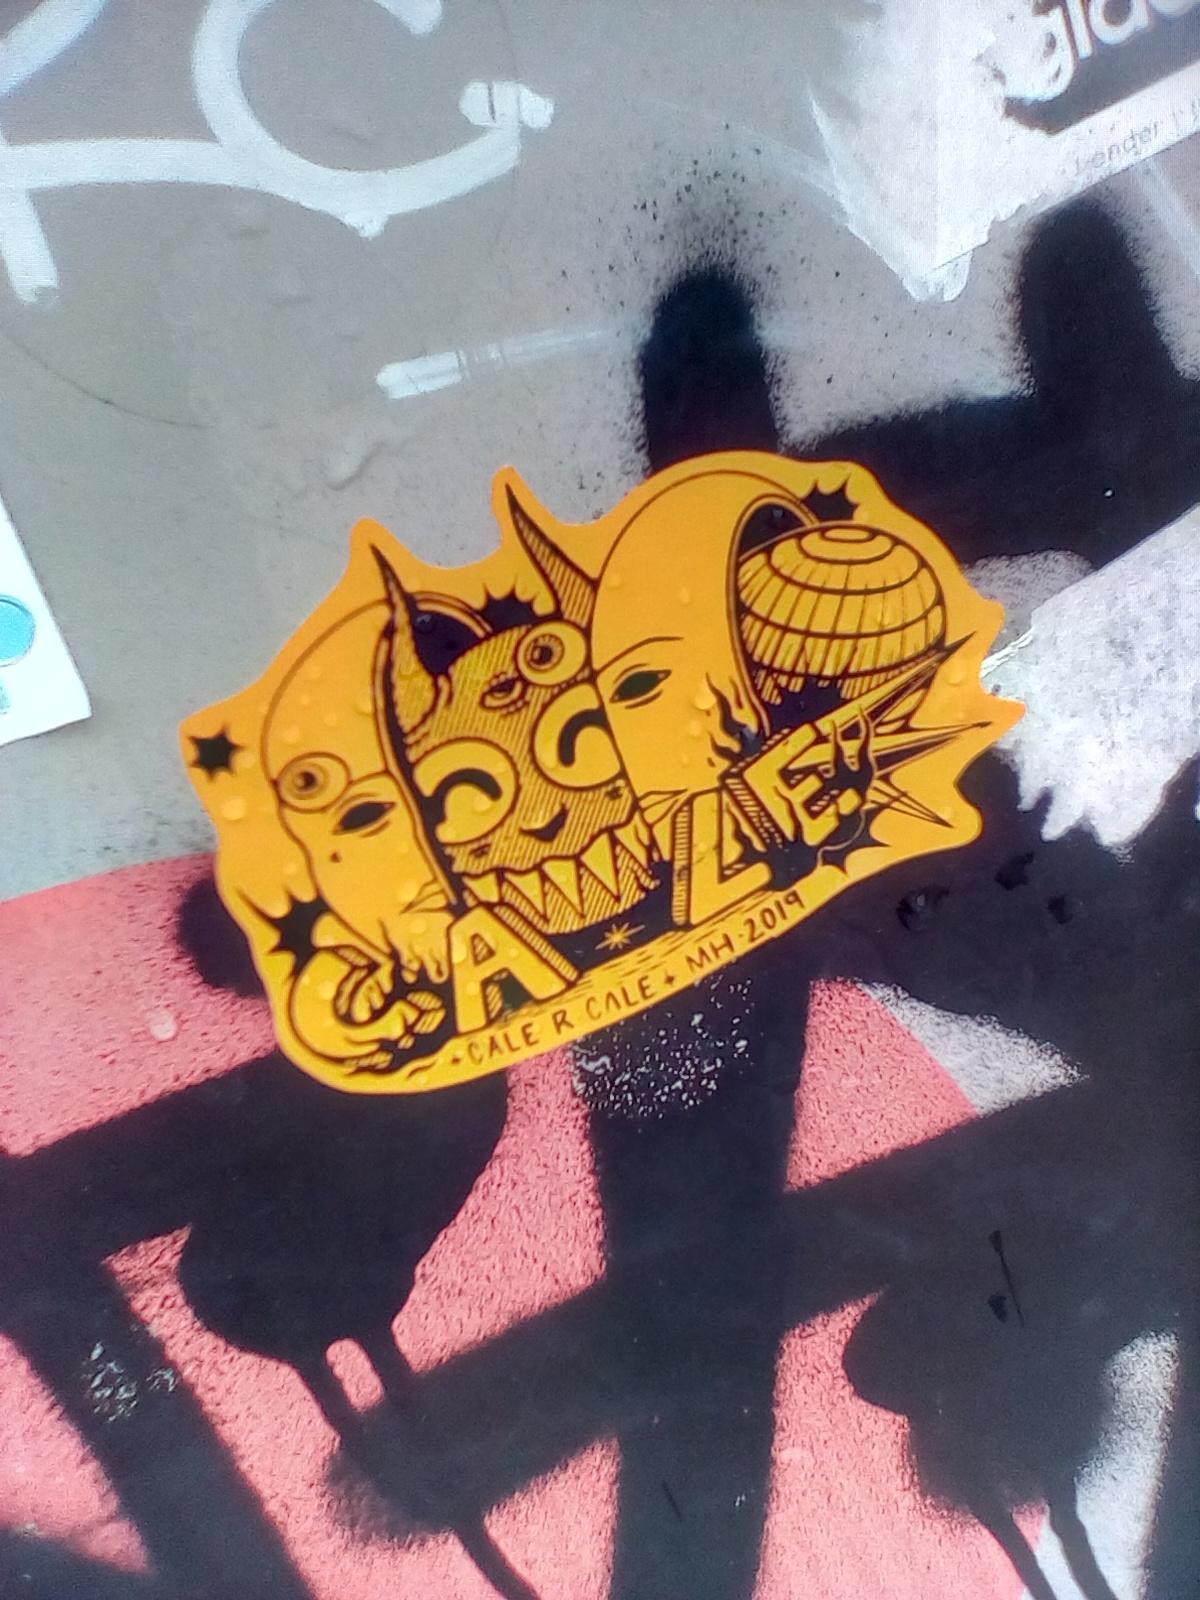 Paris street art 19